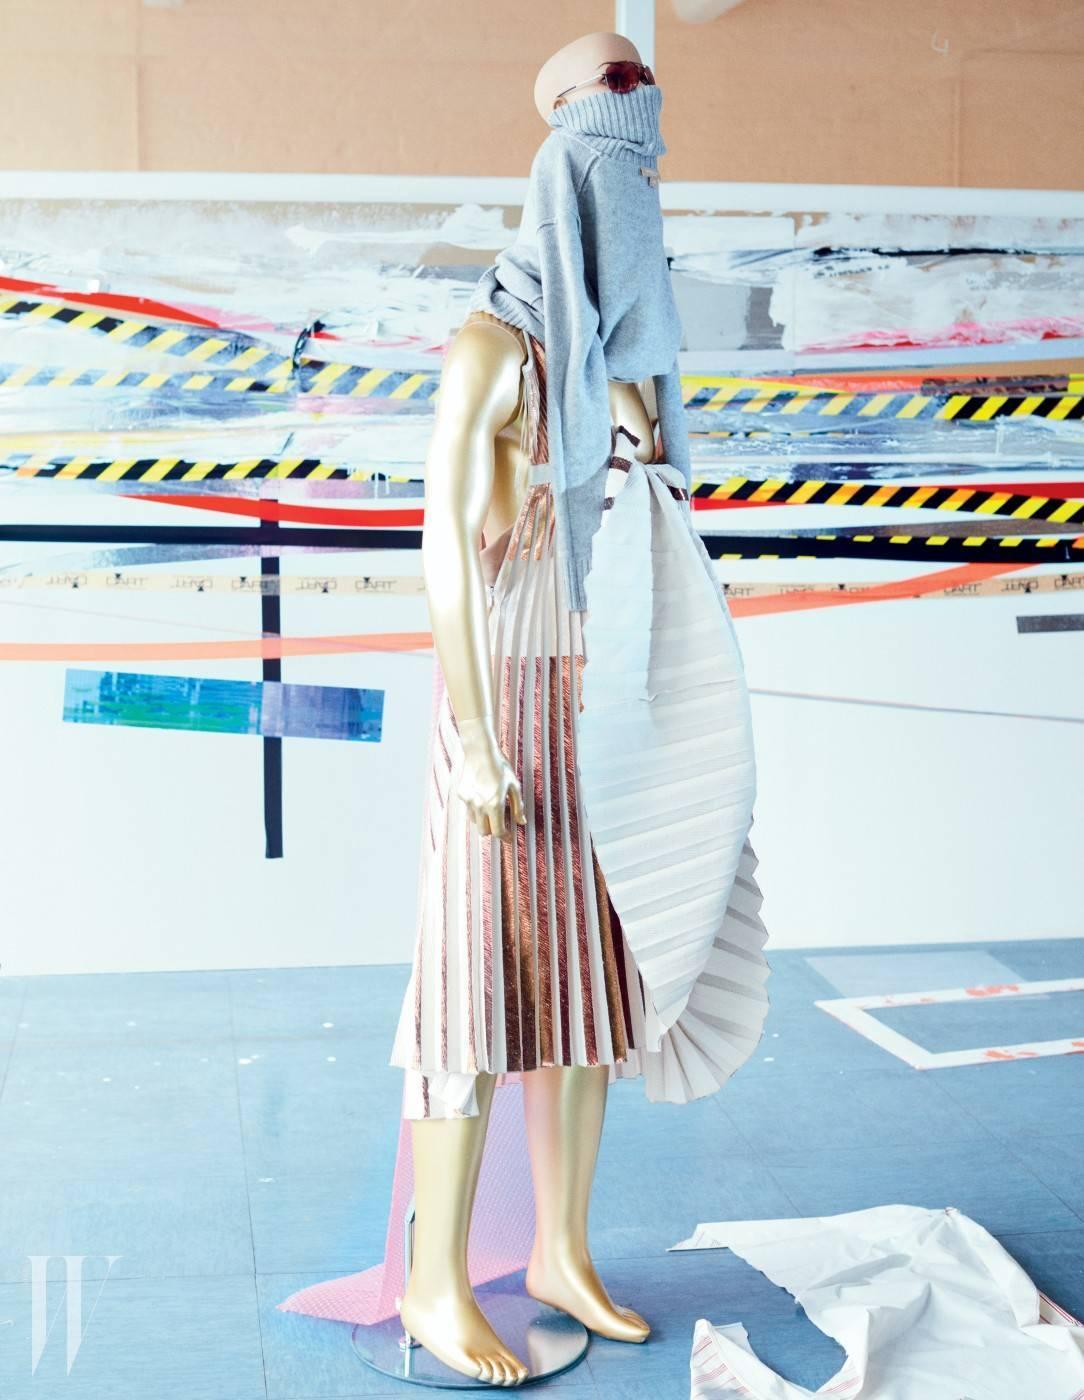 터틀넥은 마이클 코어스 컬렉션, 드레스는 프로엔자 스쿨러 제품, 선글라스는 작가 소장품.